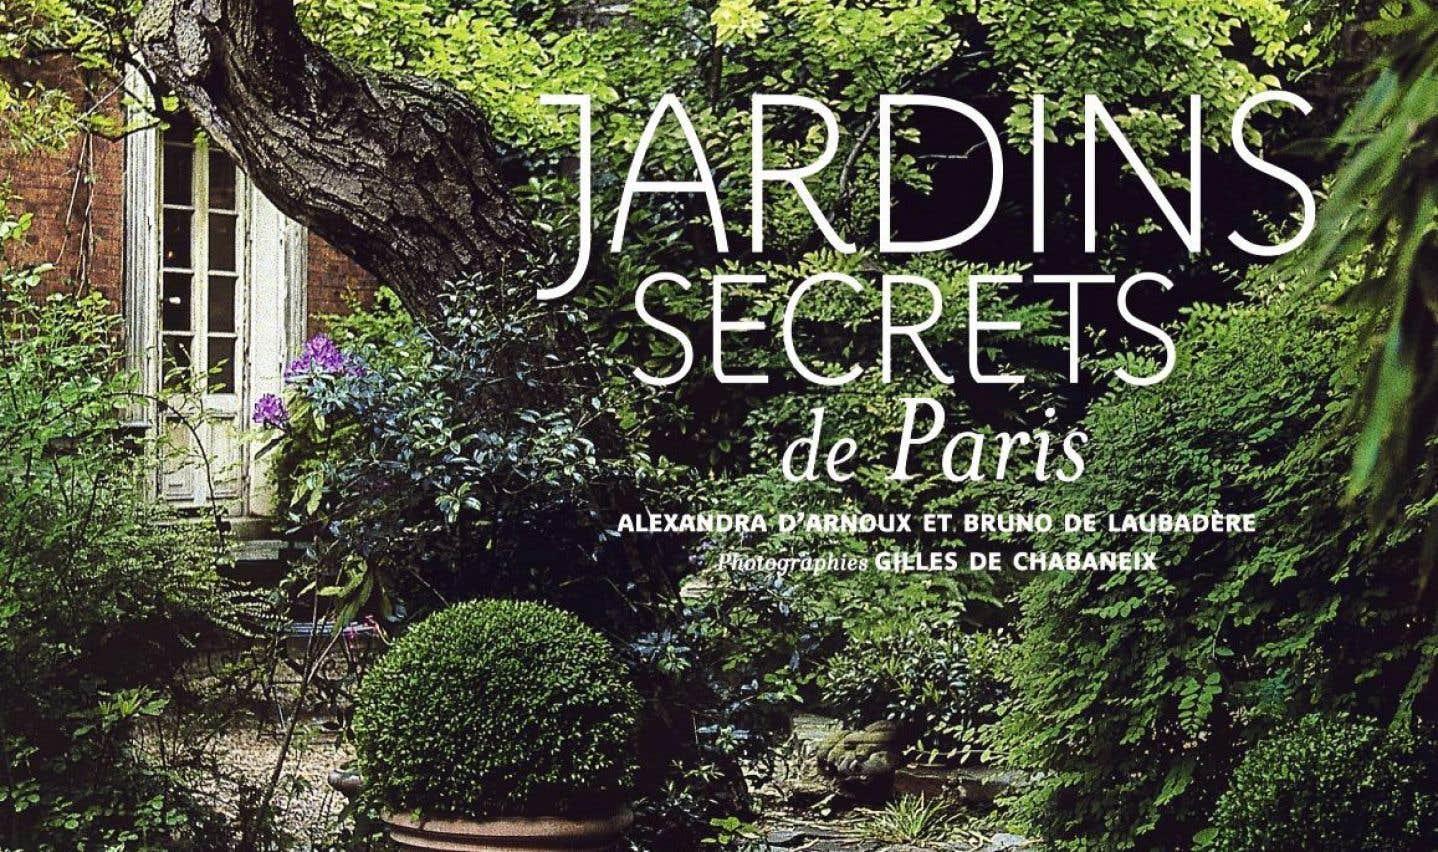 Jardins secrets de Paris, Alexandra D'Arnoux et Bruno De Laubadère